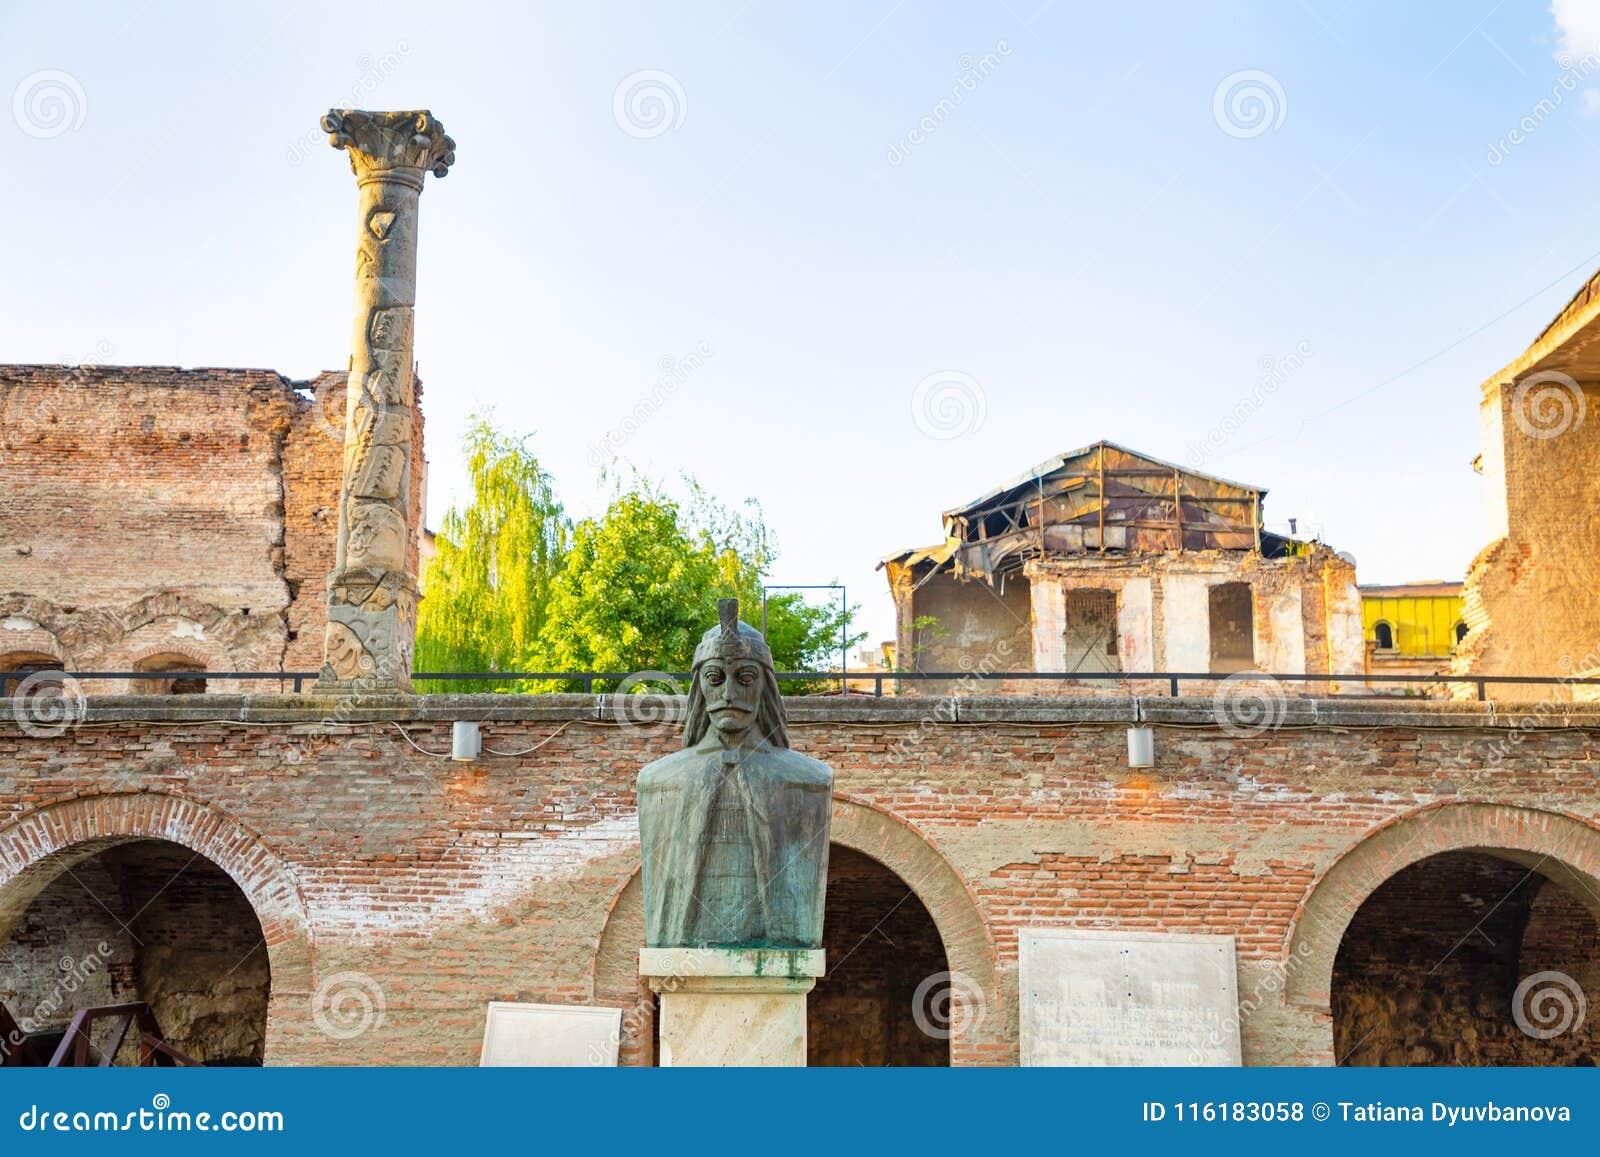 Μια αποτυχία Vlad Tepes, Vlad το Impaler, η έμπνευση για Dracula, στο παλαιό πριγκηπικό δικαστήριο, Curtea Veche, μέσα